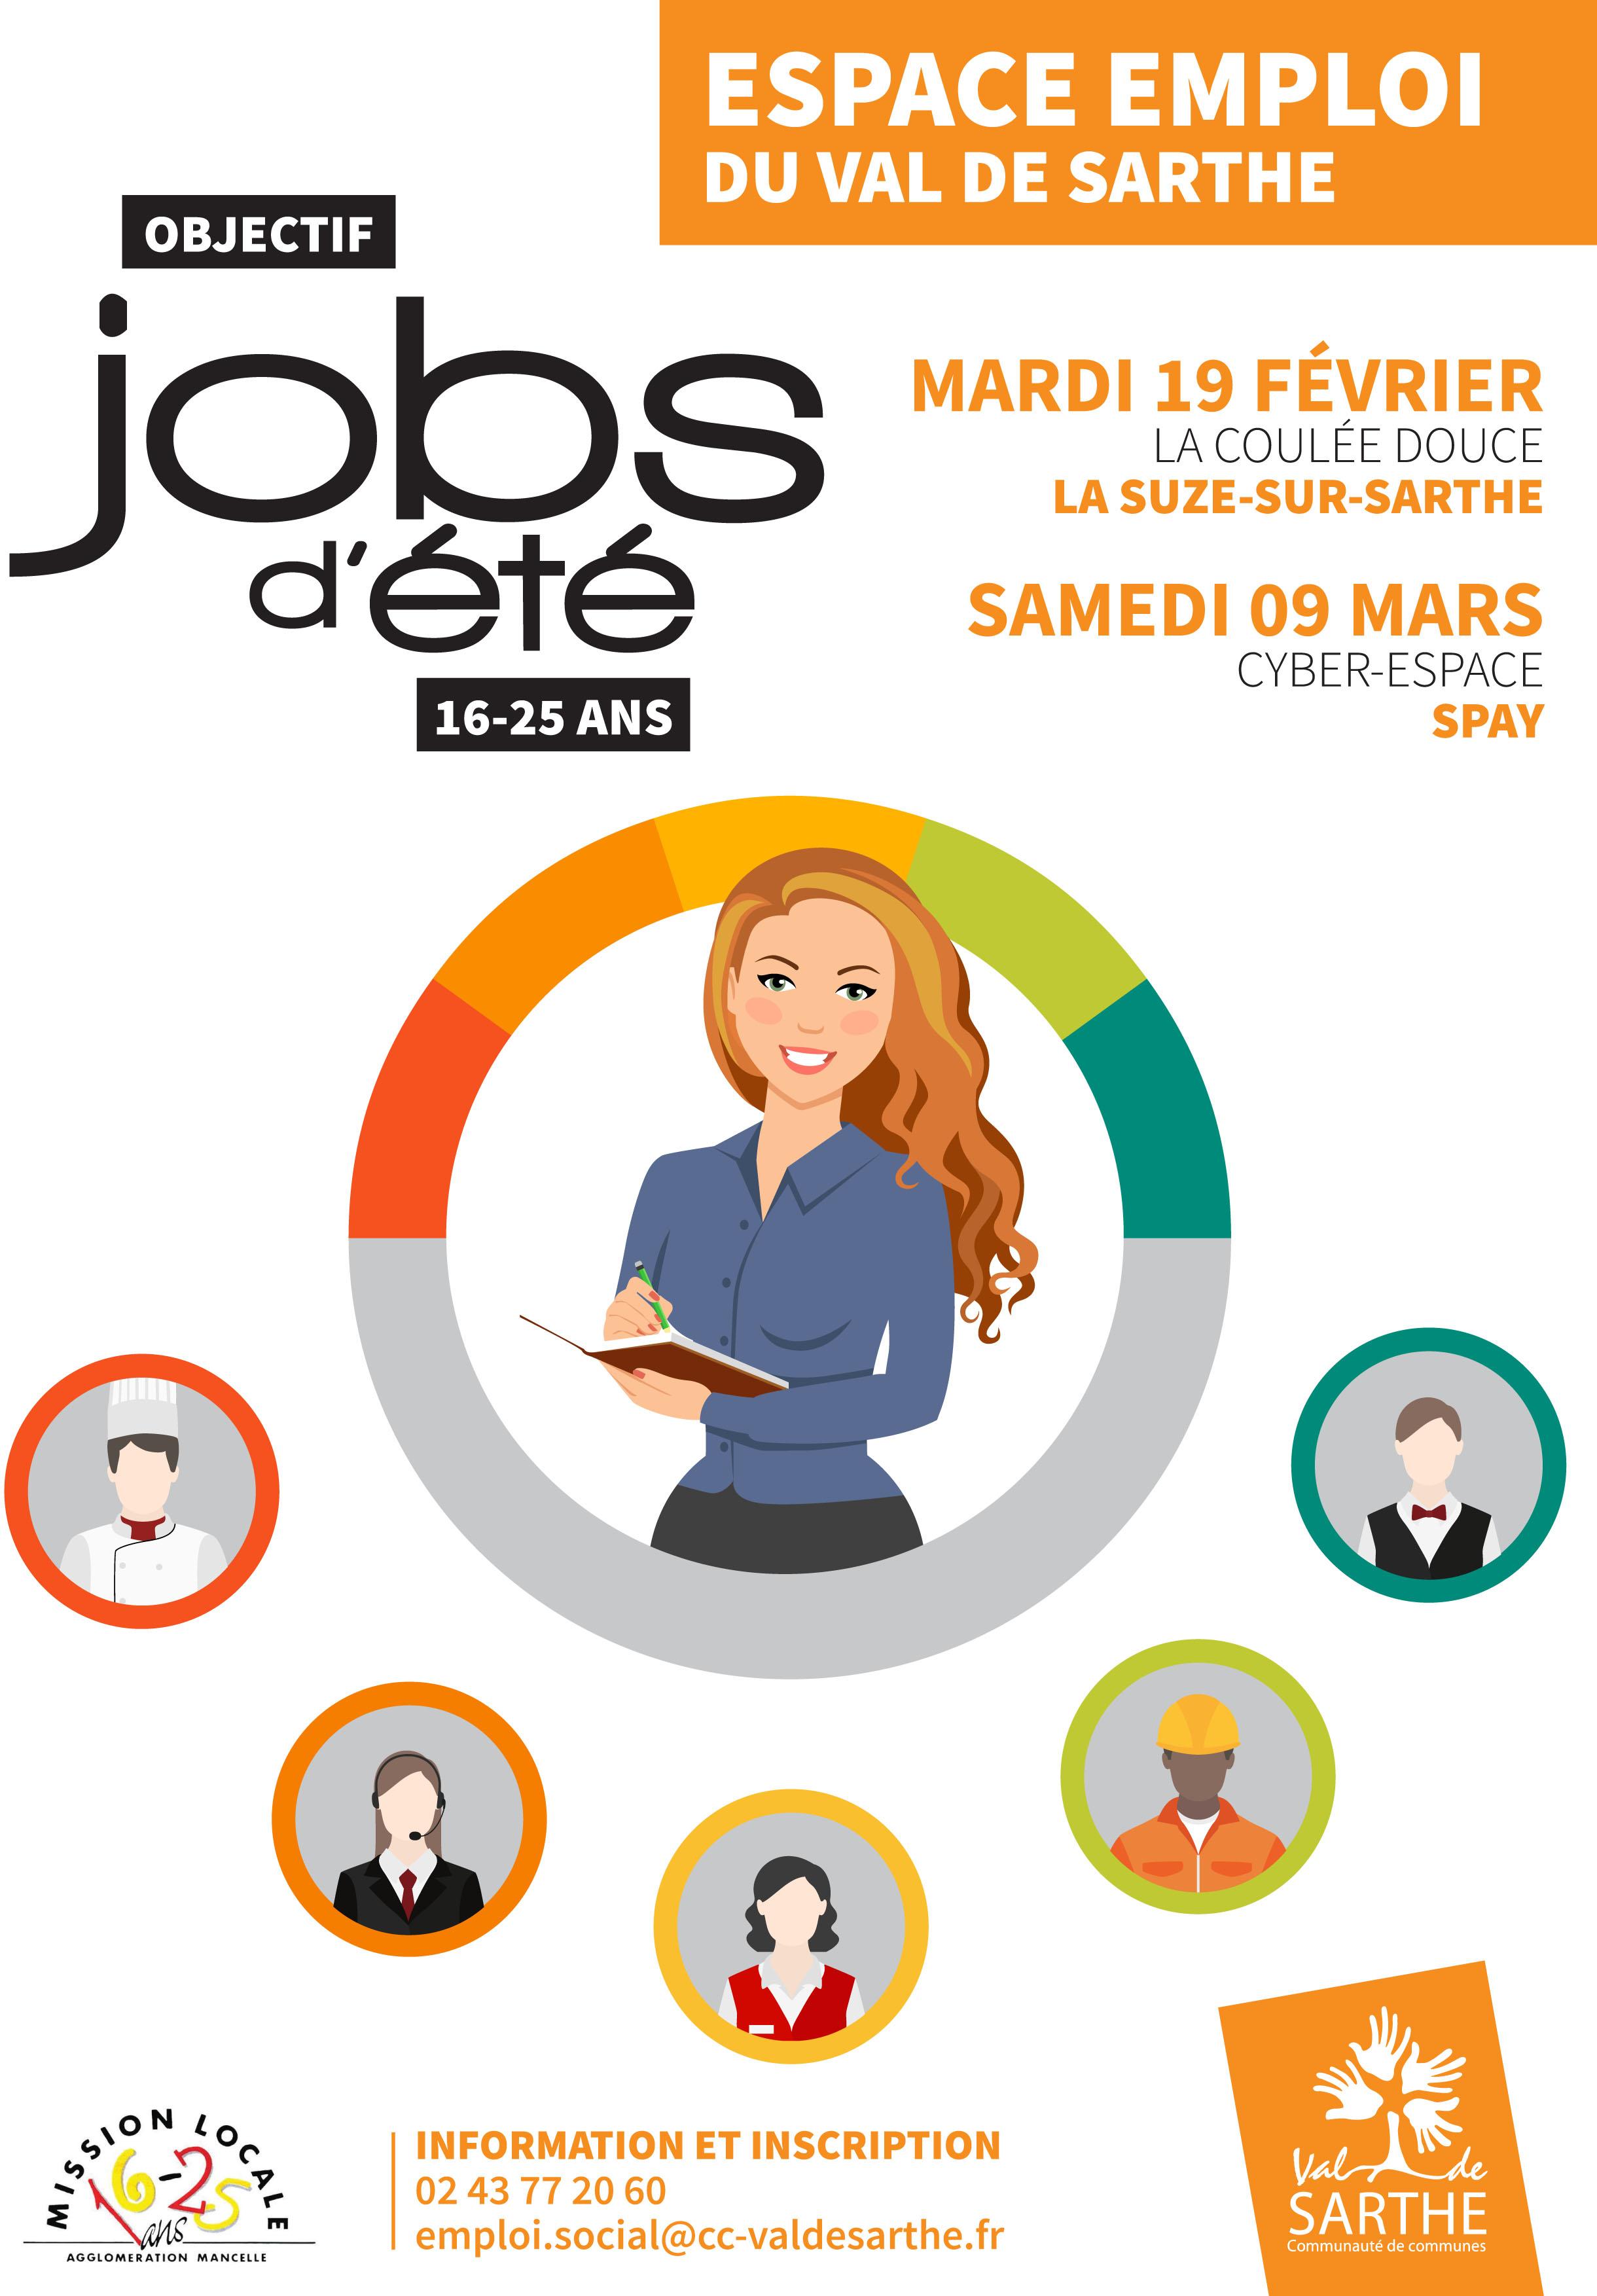 objectif jobs d u0026 39  u00e9t u00e9 pour les 16-25 ans